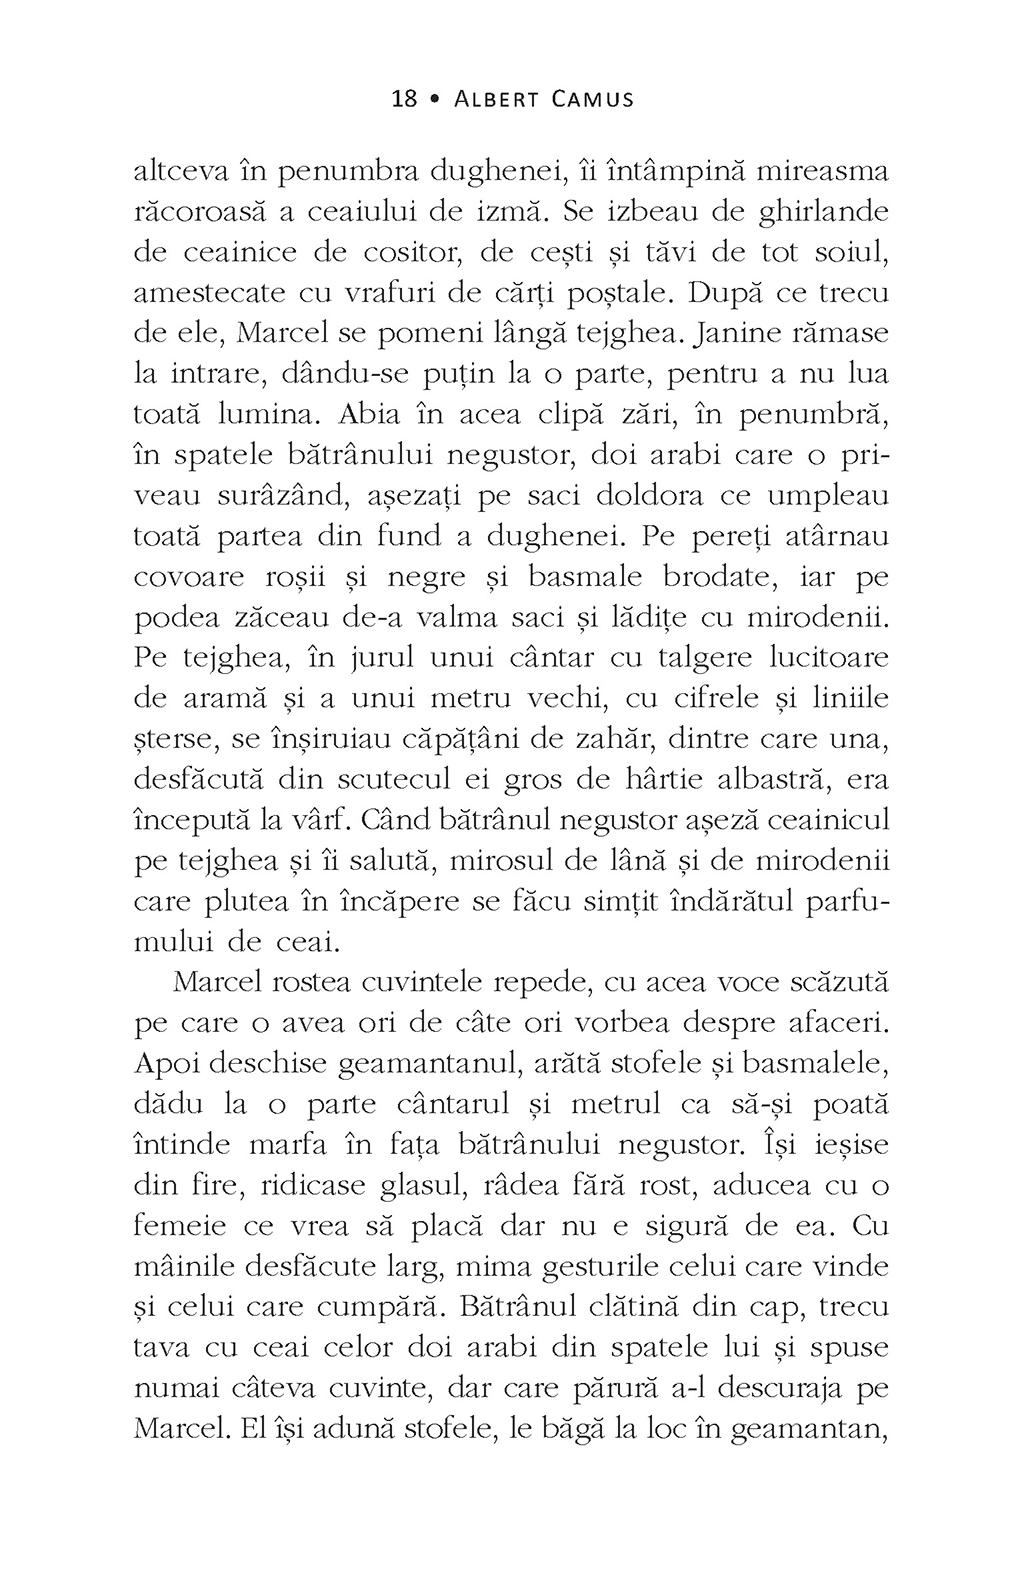 Exilul si imparatia | Albert Camus